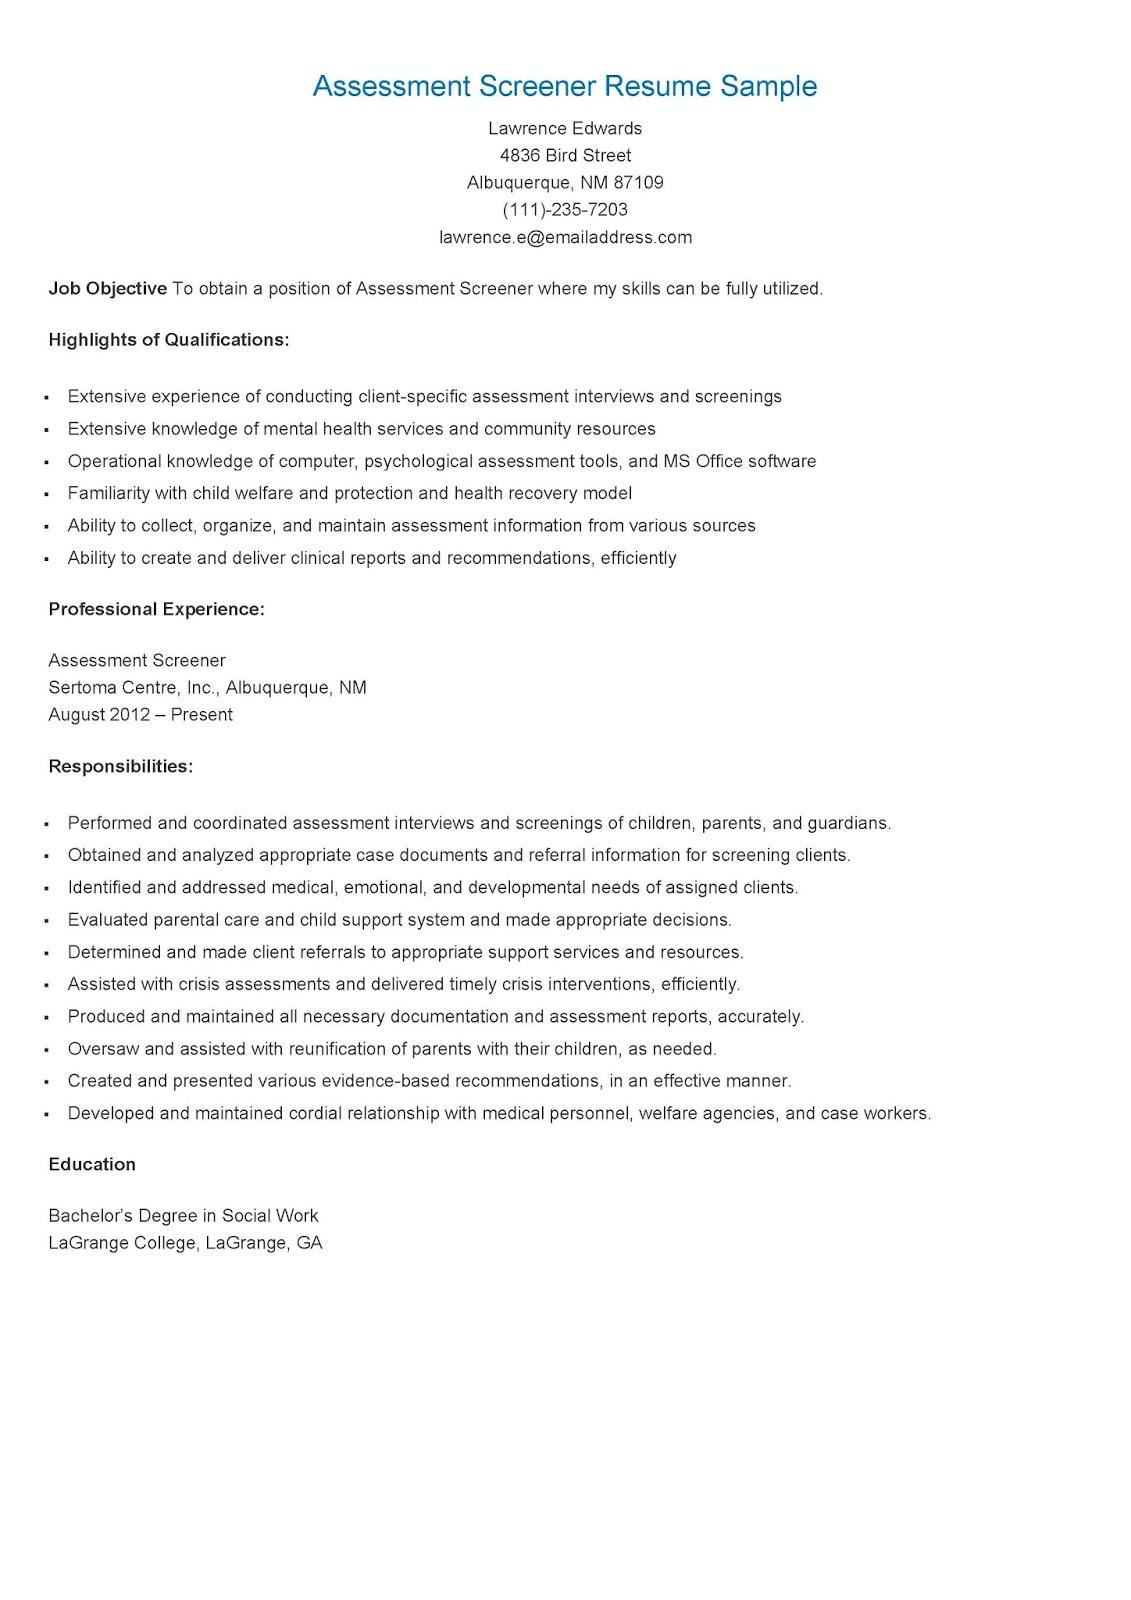 resume samples  assessment screener resume sample